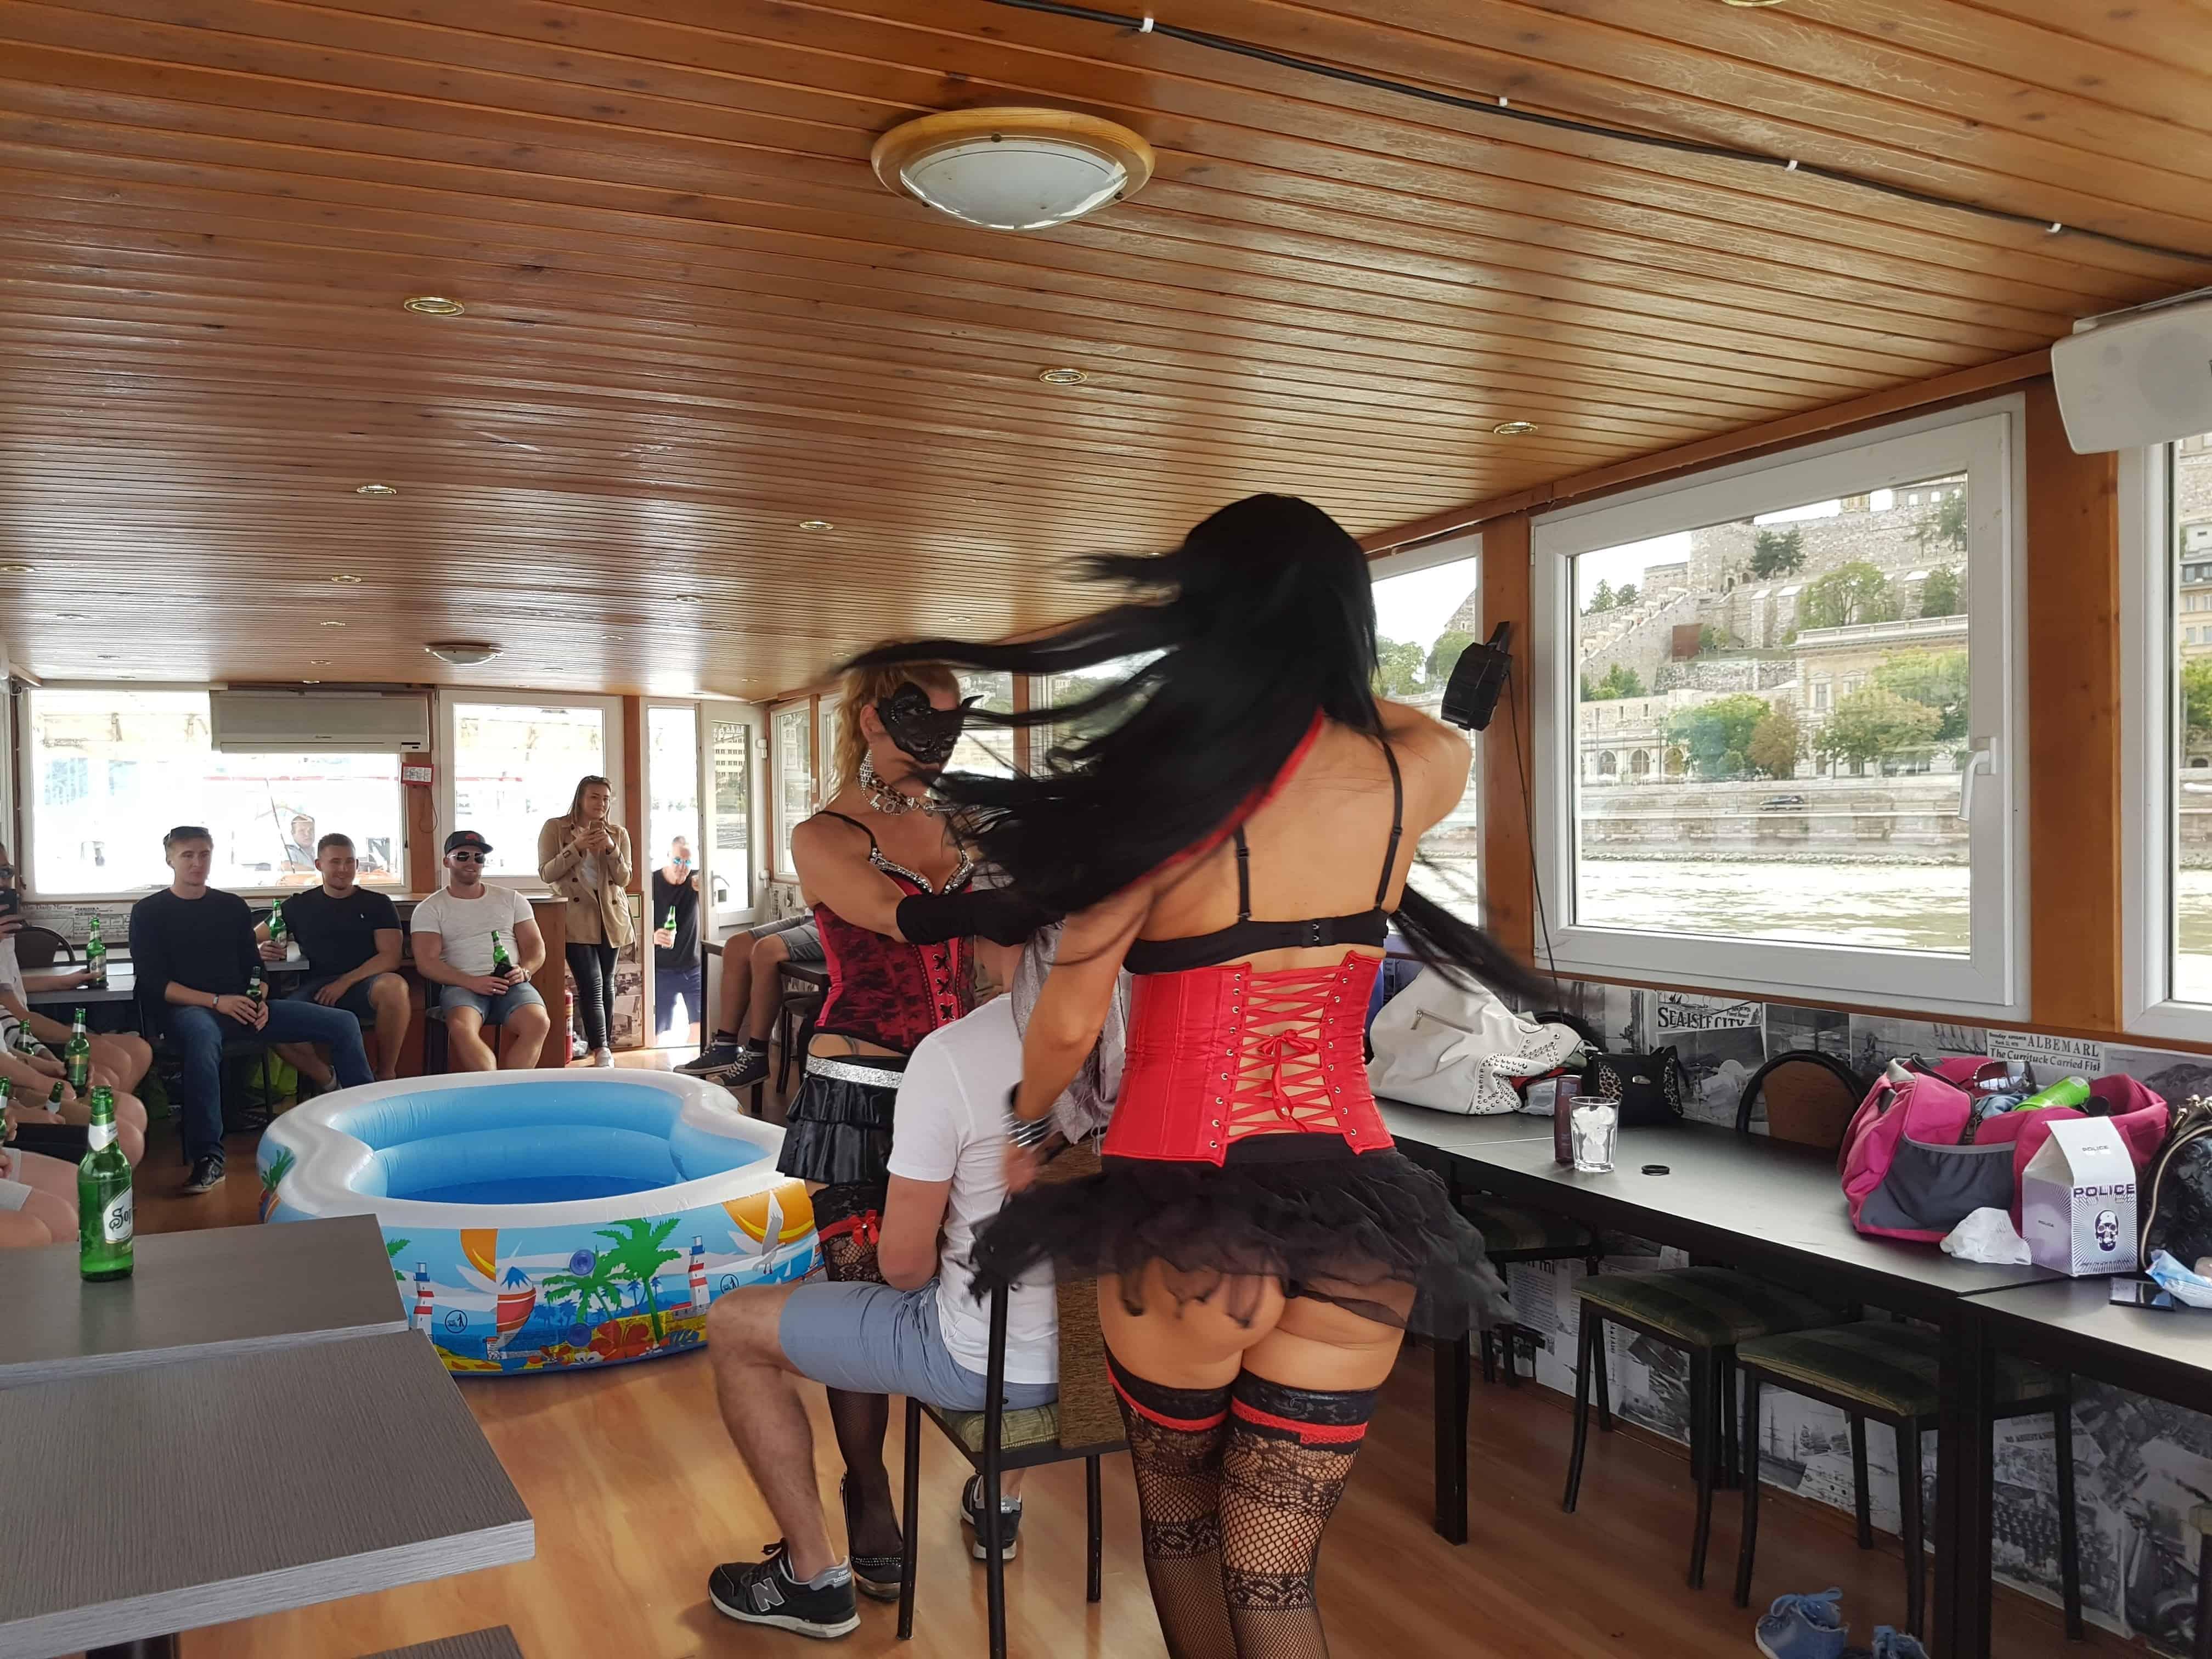 Lesbian oil wrestling